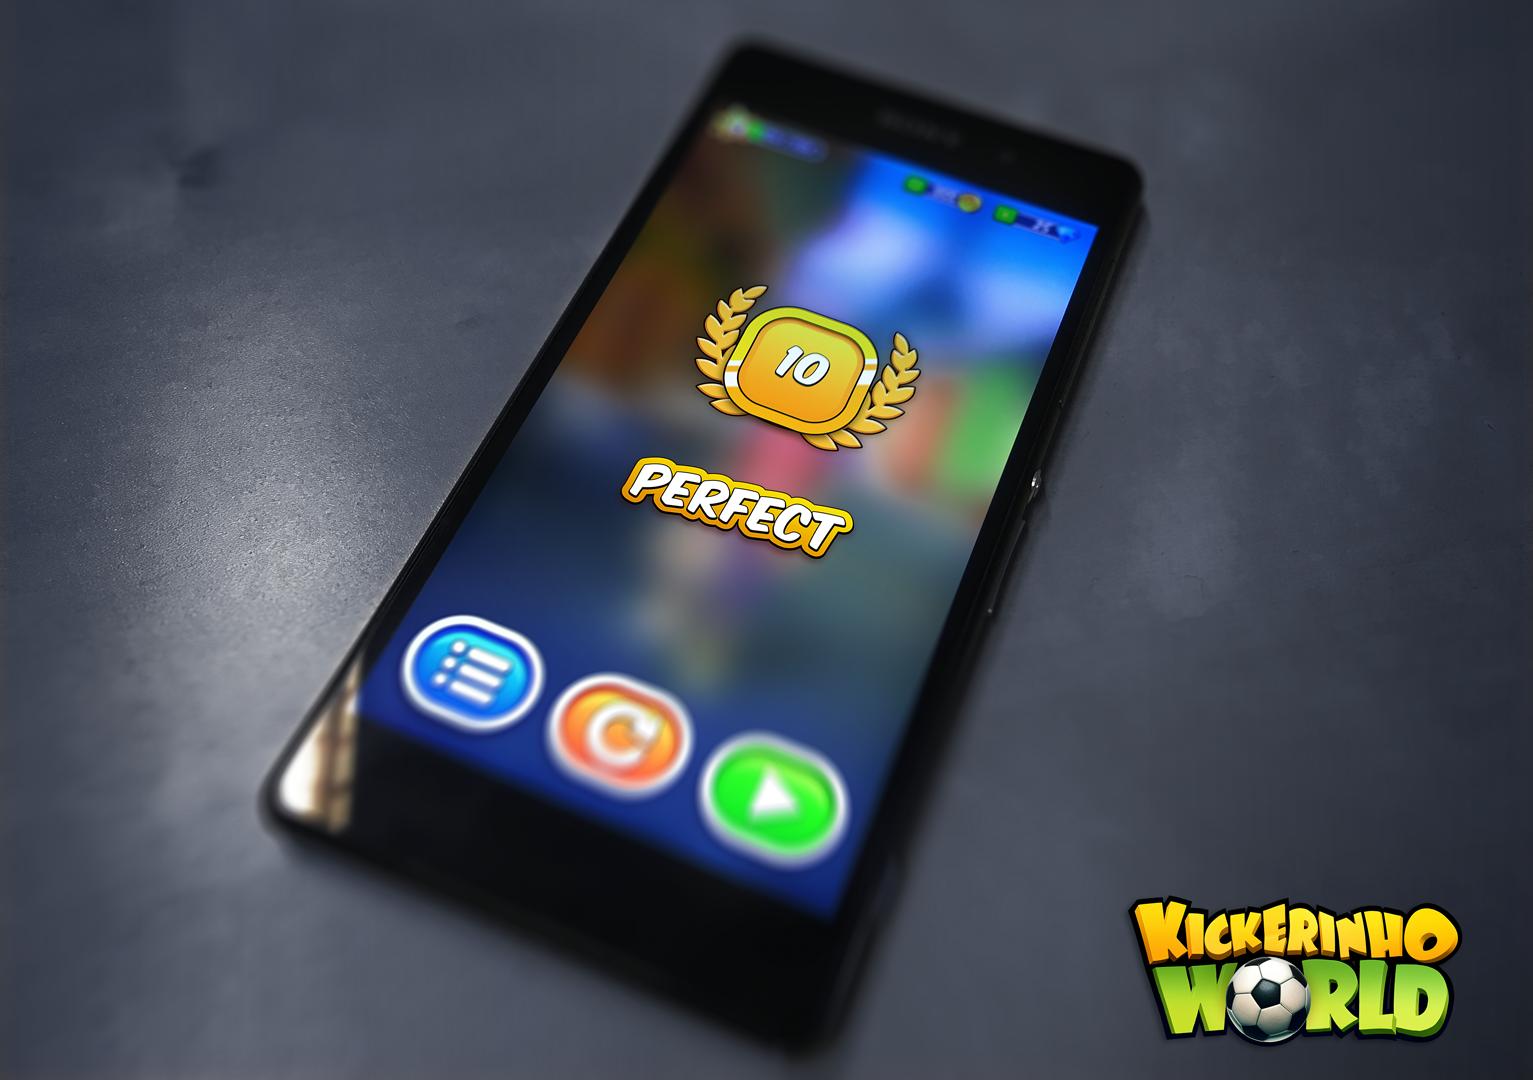 KickerinhoWorldPhone.png